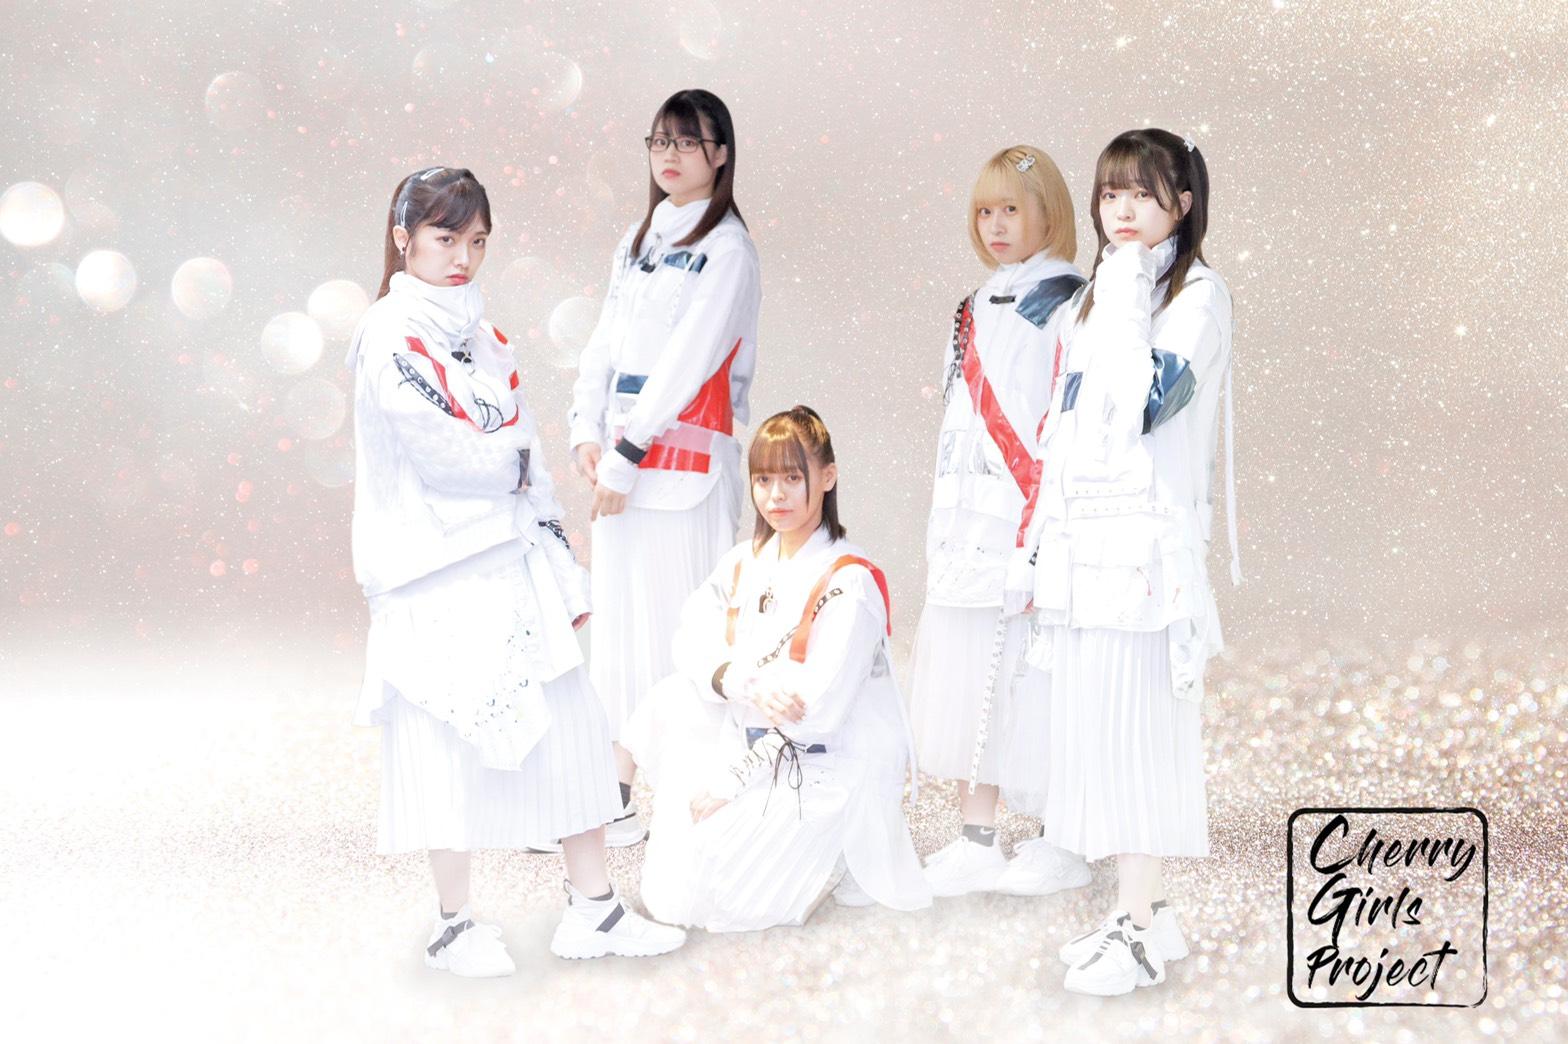 オーディション Girls Project新規メンバー募集 L'Arc~en~Ciel等を手掛ける岡野ハジメがプロデューサーに就任 主催:株式会社GAEA WORKS ENTERTAINMENT、カテゴリ:アイドル(正統派)